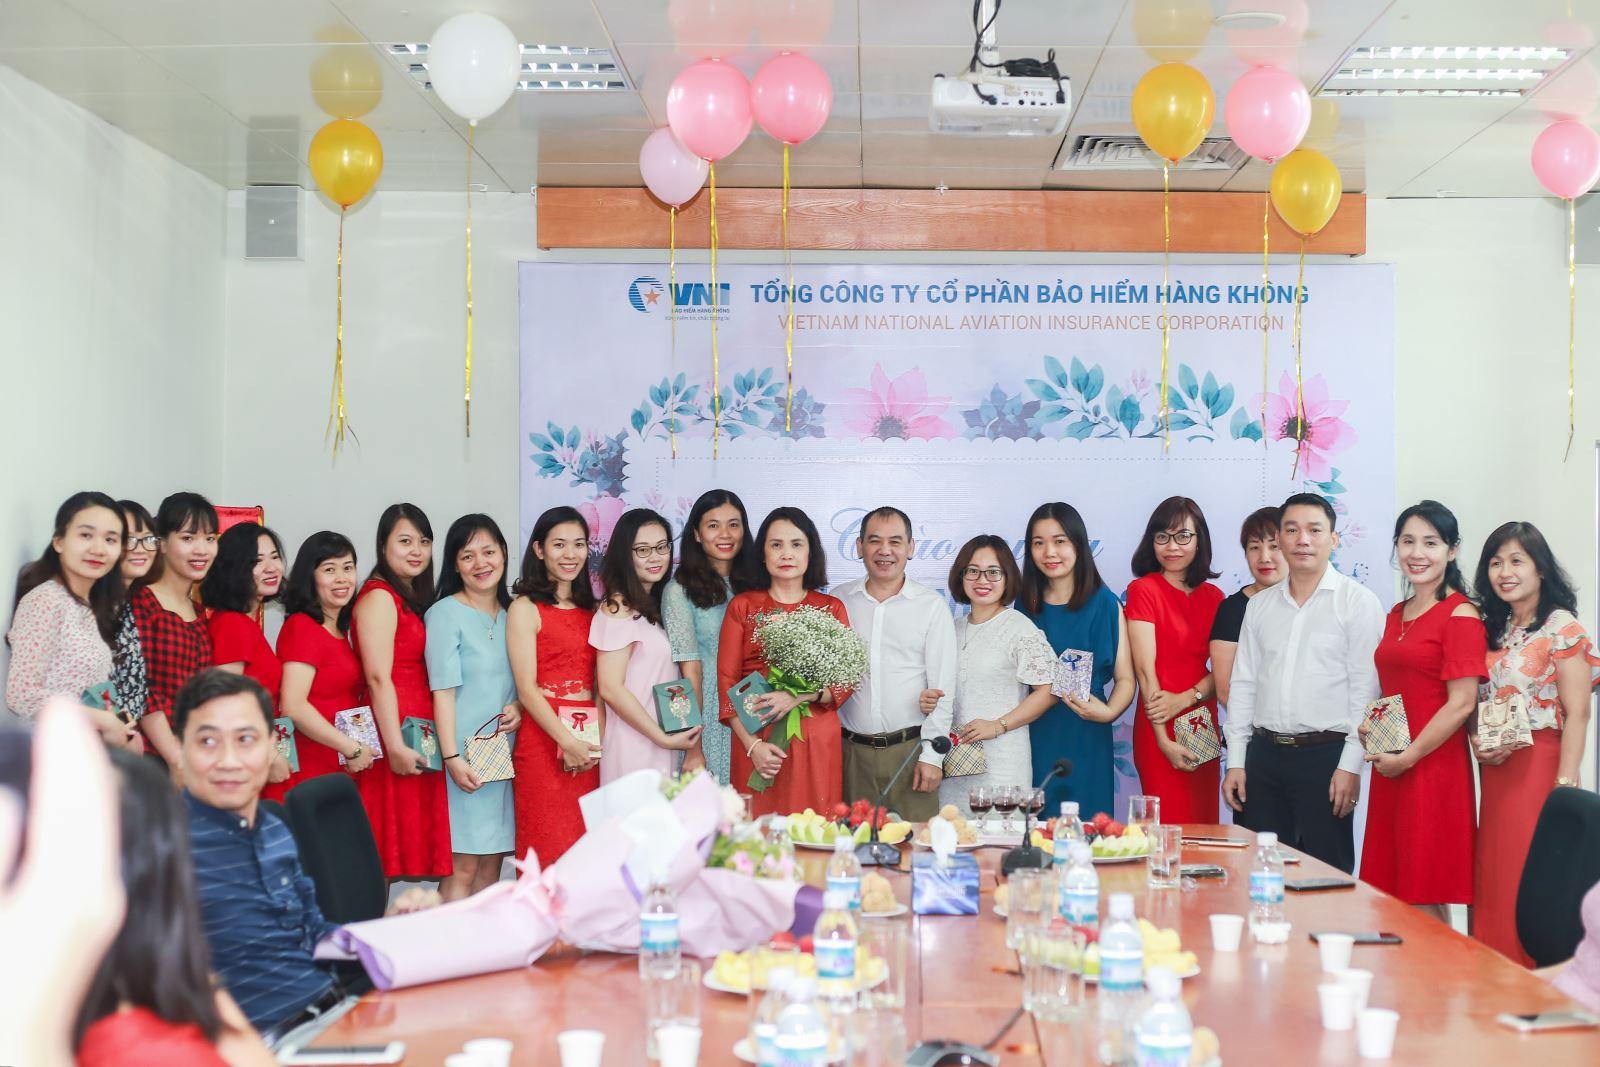 VNI tổ chức ngày 20-10 và công bố kết quả Miss photo VNI 2019